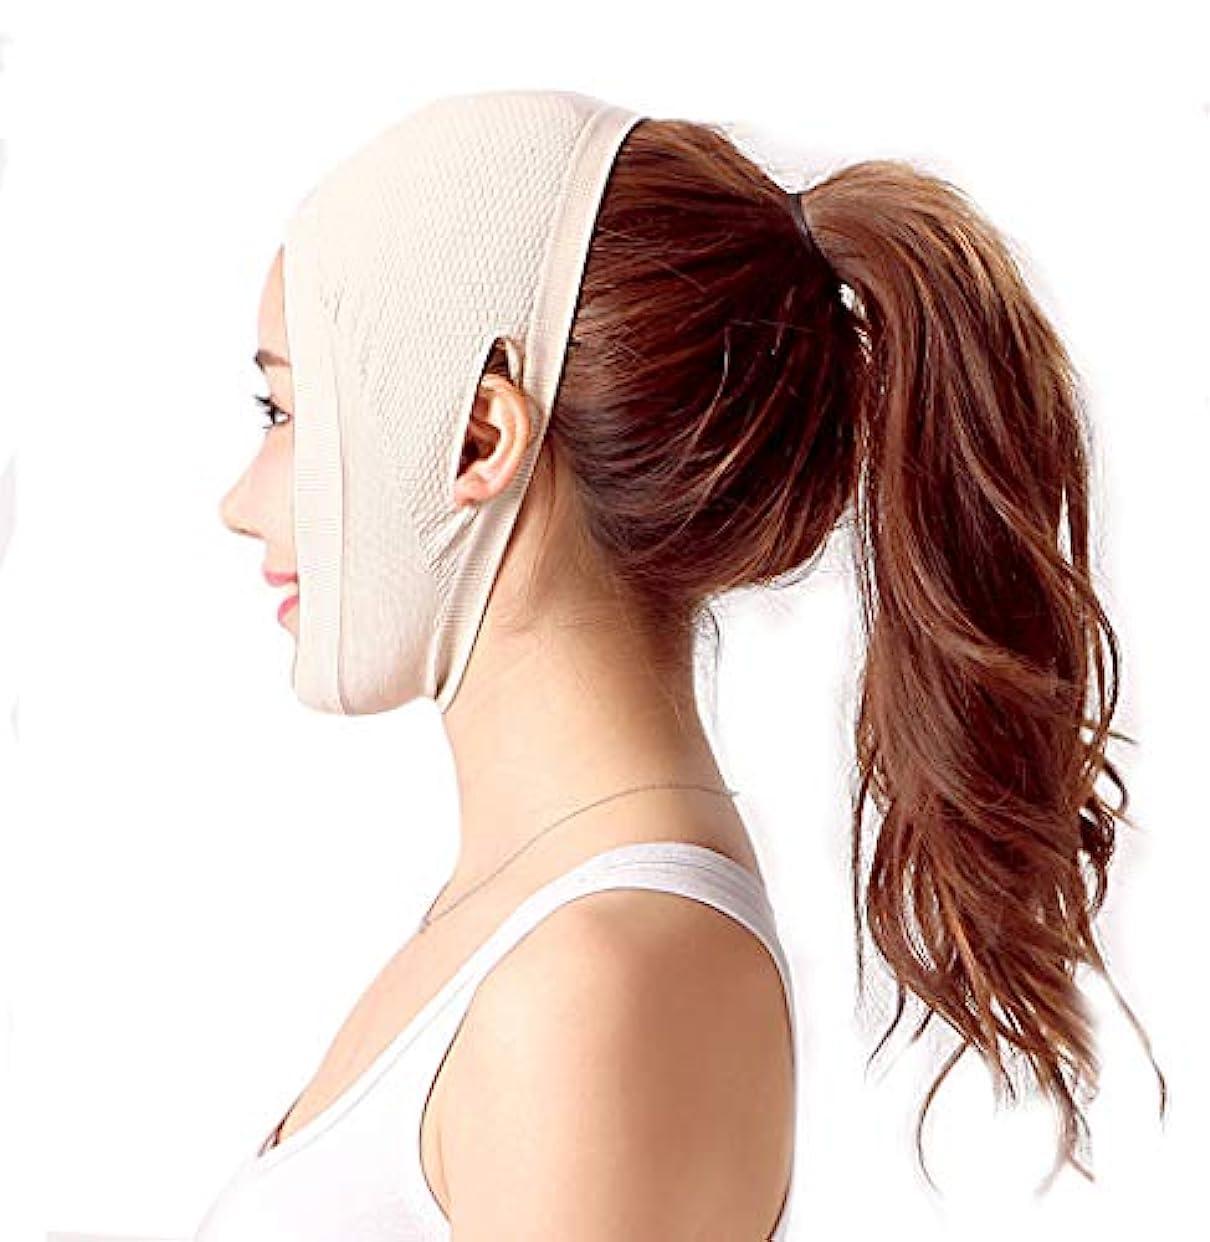 ファンブル意志に反する薬を飲むV顔リフティング包帯薄いフェイスマスクを眠っている整形手術病院ライン彫刻術後回復ヘッドギア医療マスク (Color : Skin tone(A))